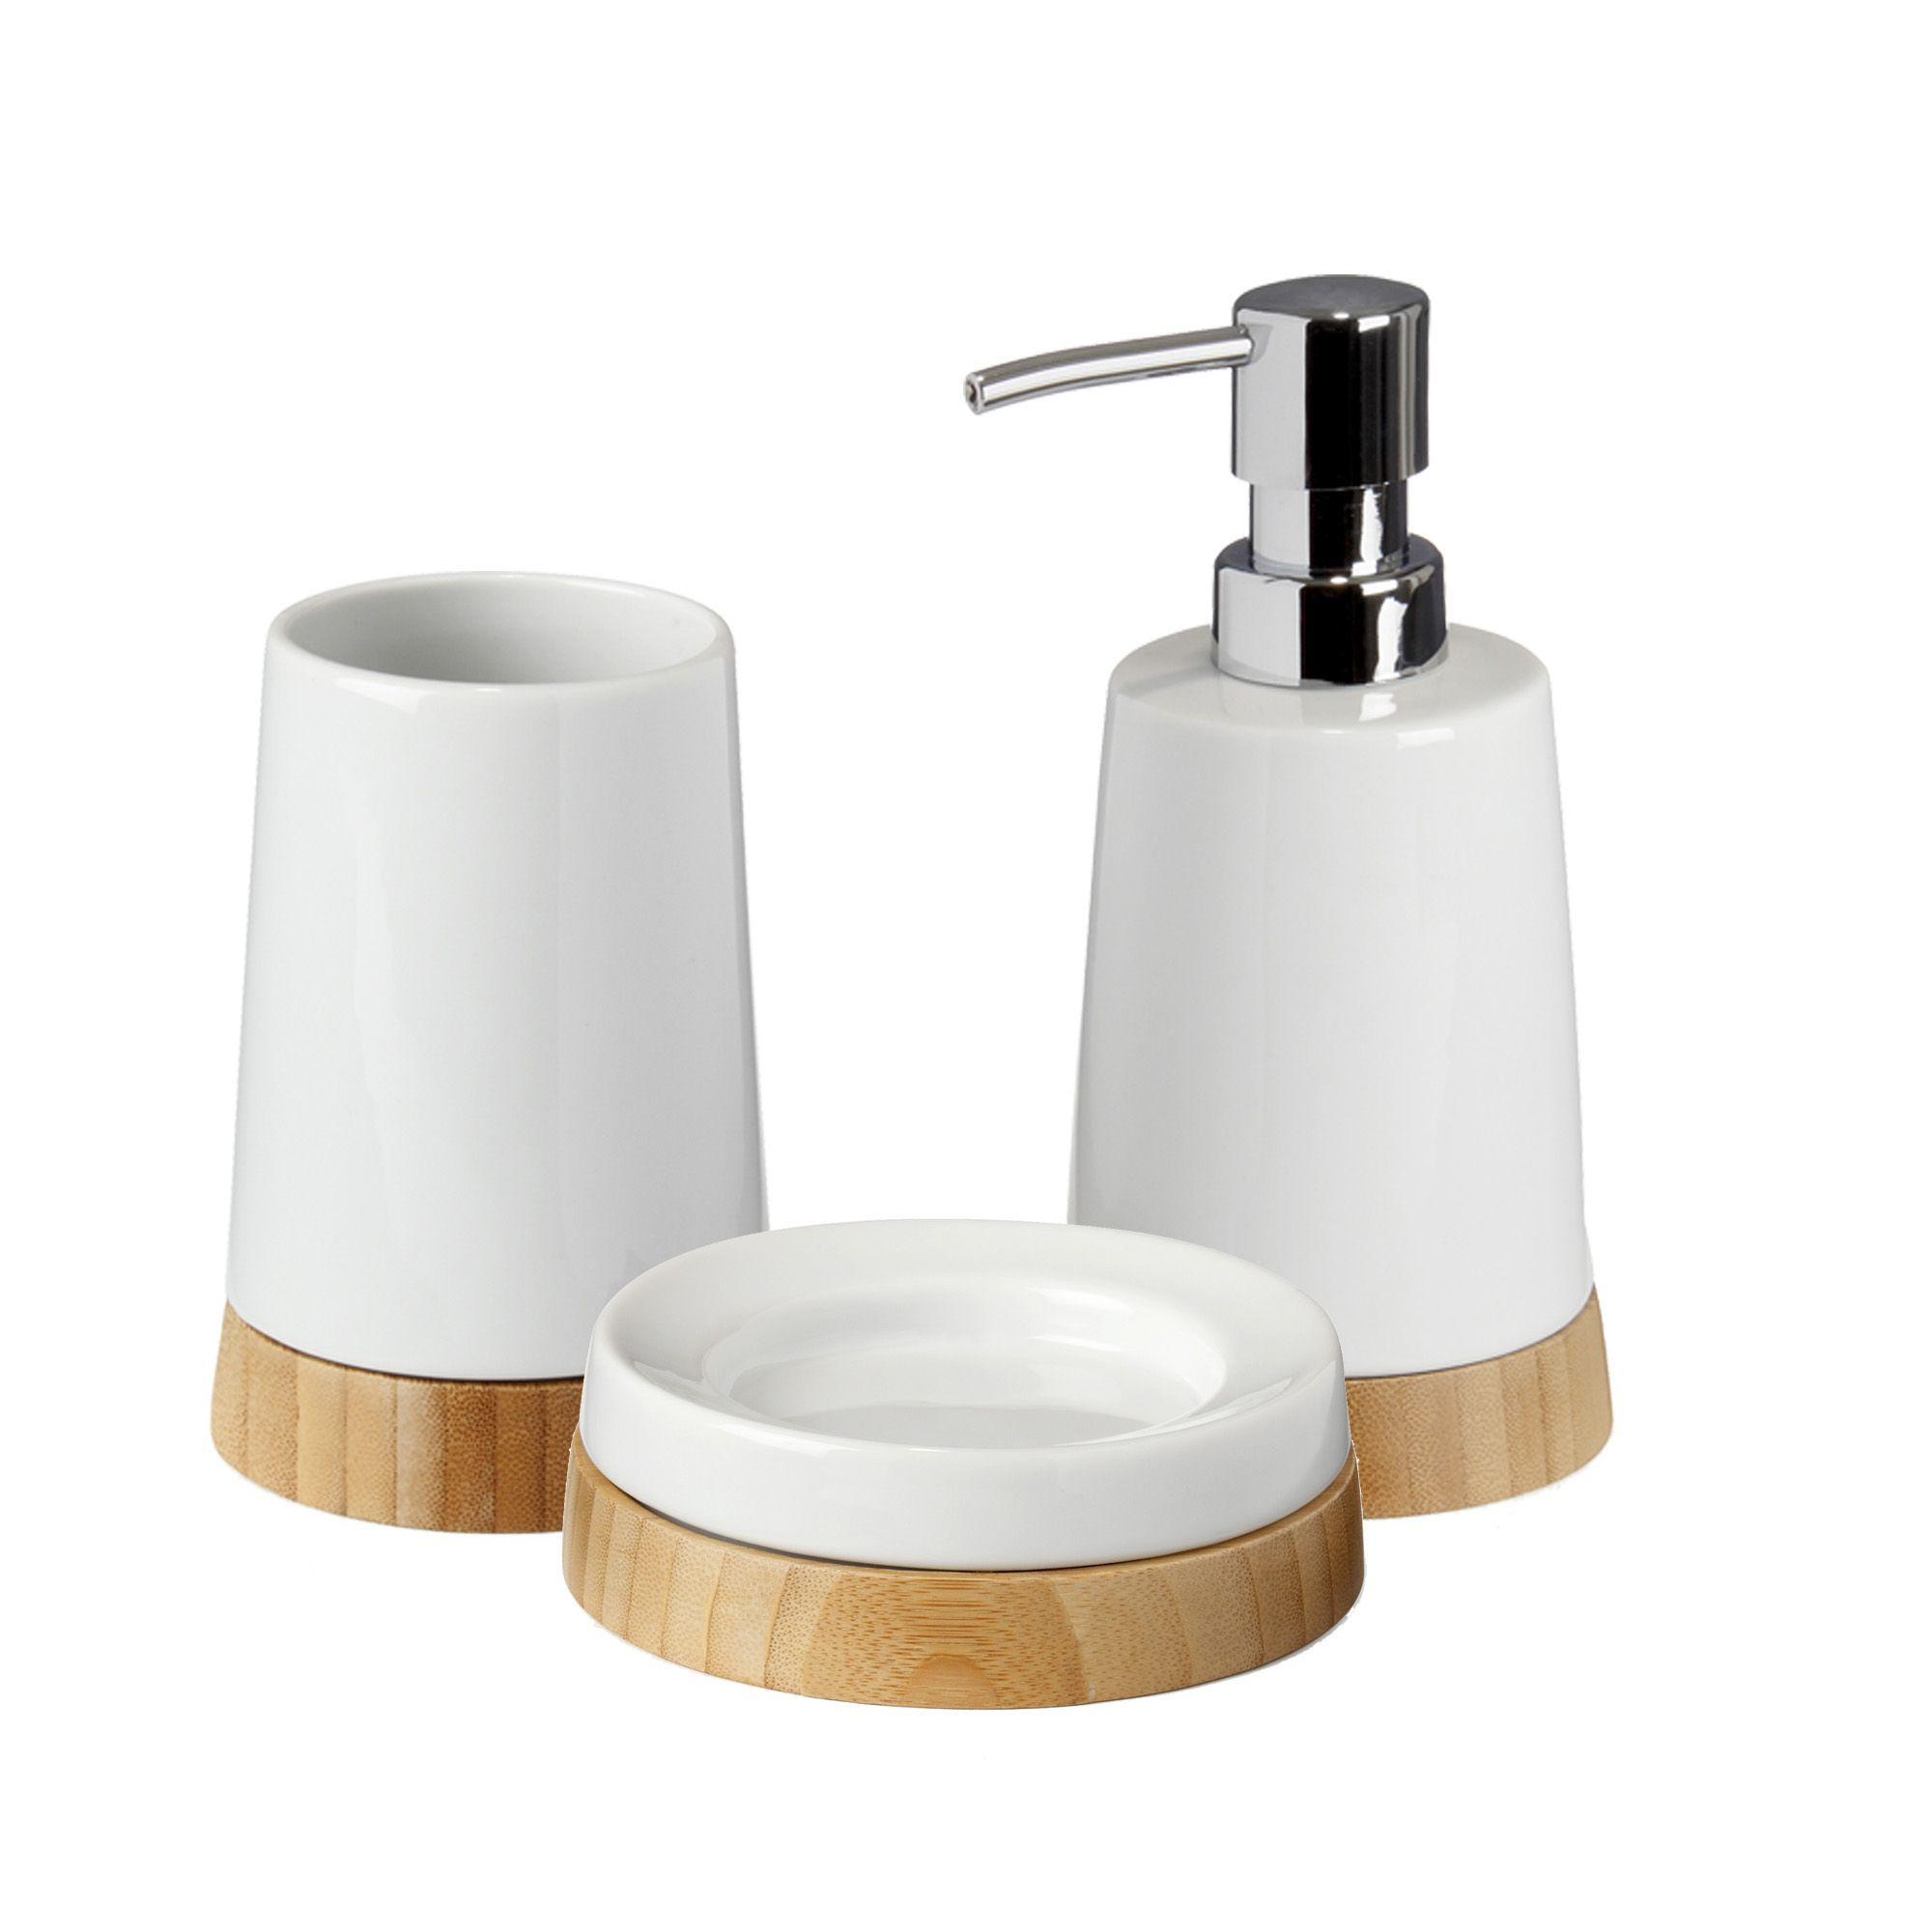 Ensemble d 39 accessoires de salle de bains en c ramique et for Alinea salle de bain